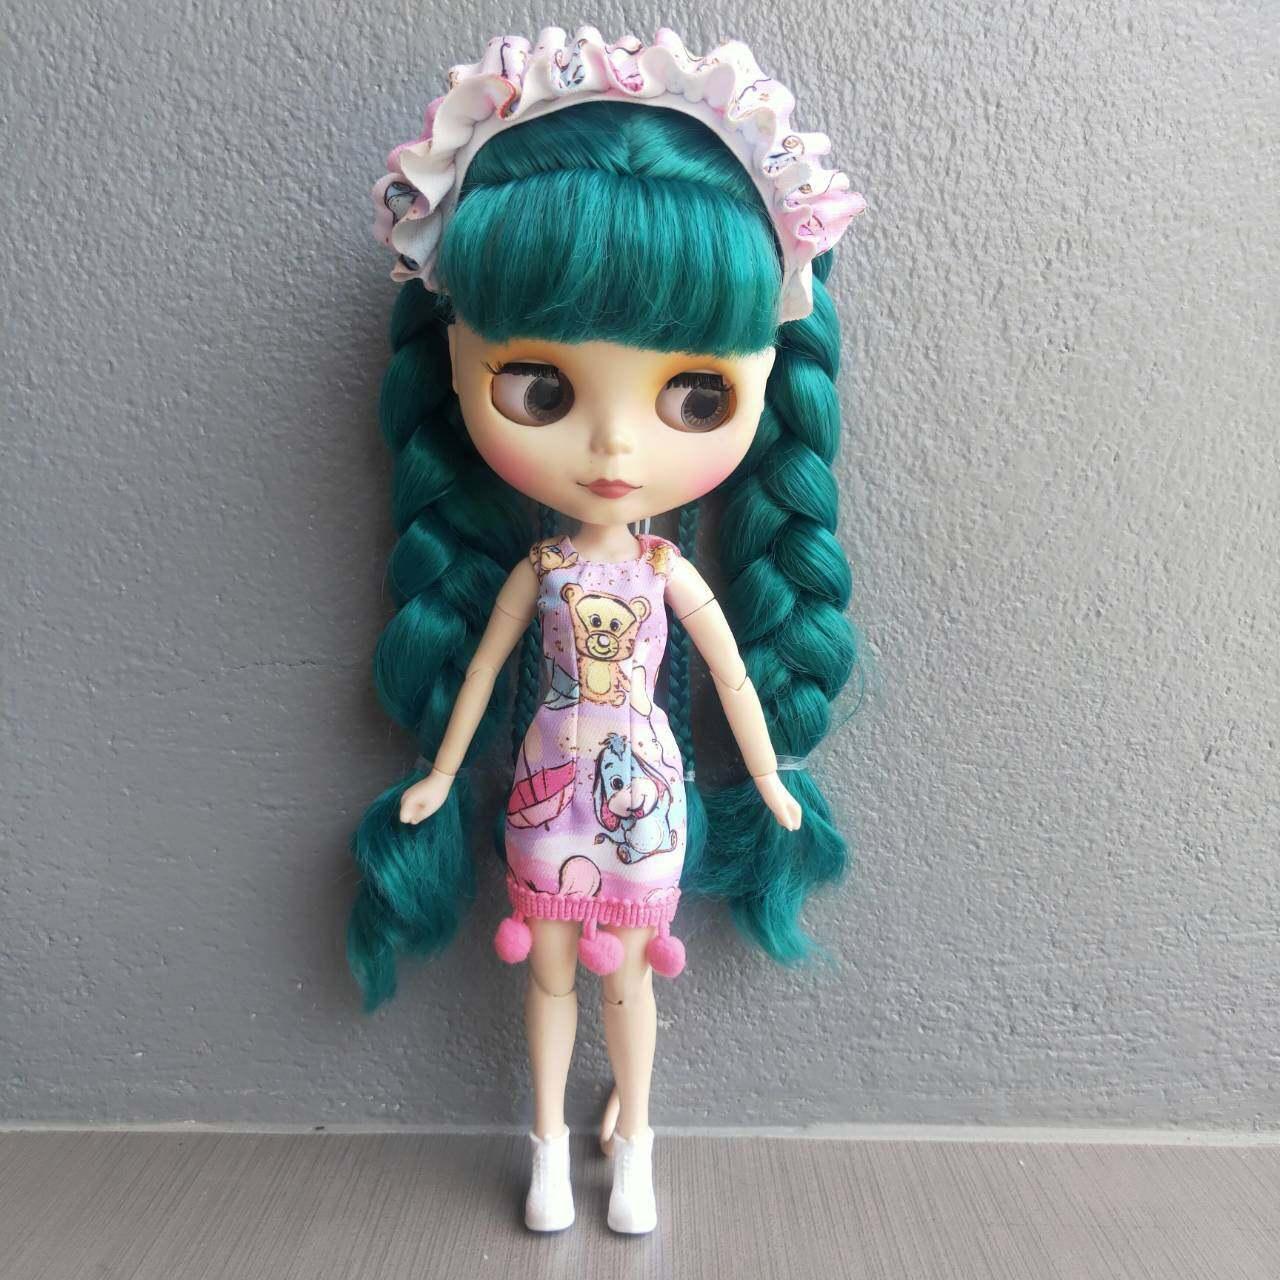 ชุดบลายธ์ บลายธ์ ชุดตุ๊กตาบลายธ์ งานสั่งตัดมีจำนวนจำกัดนะคะ Blythe 1/6 ชุดตุ๊กตา เดรสตุ๊กตา